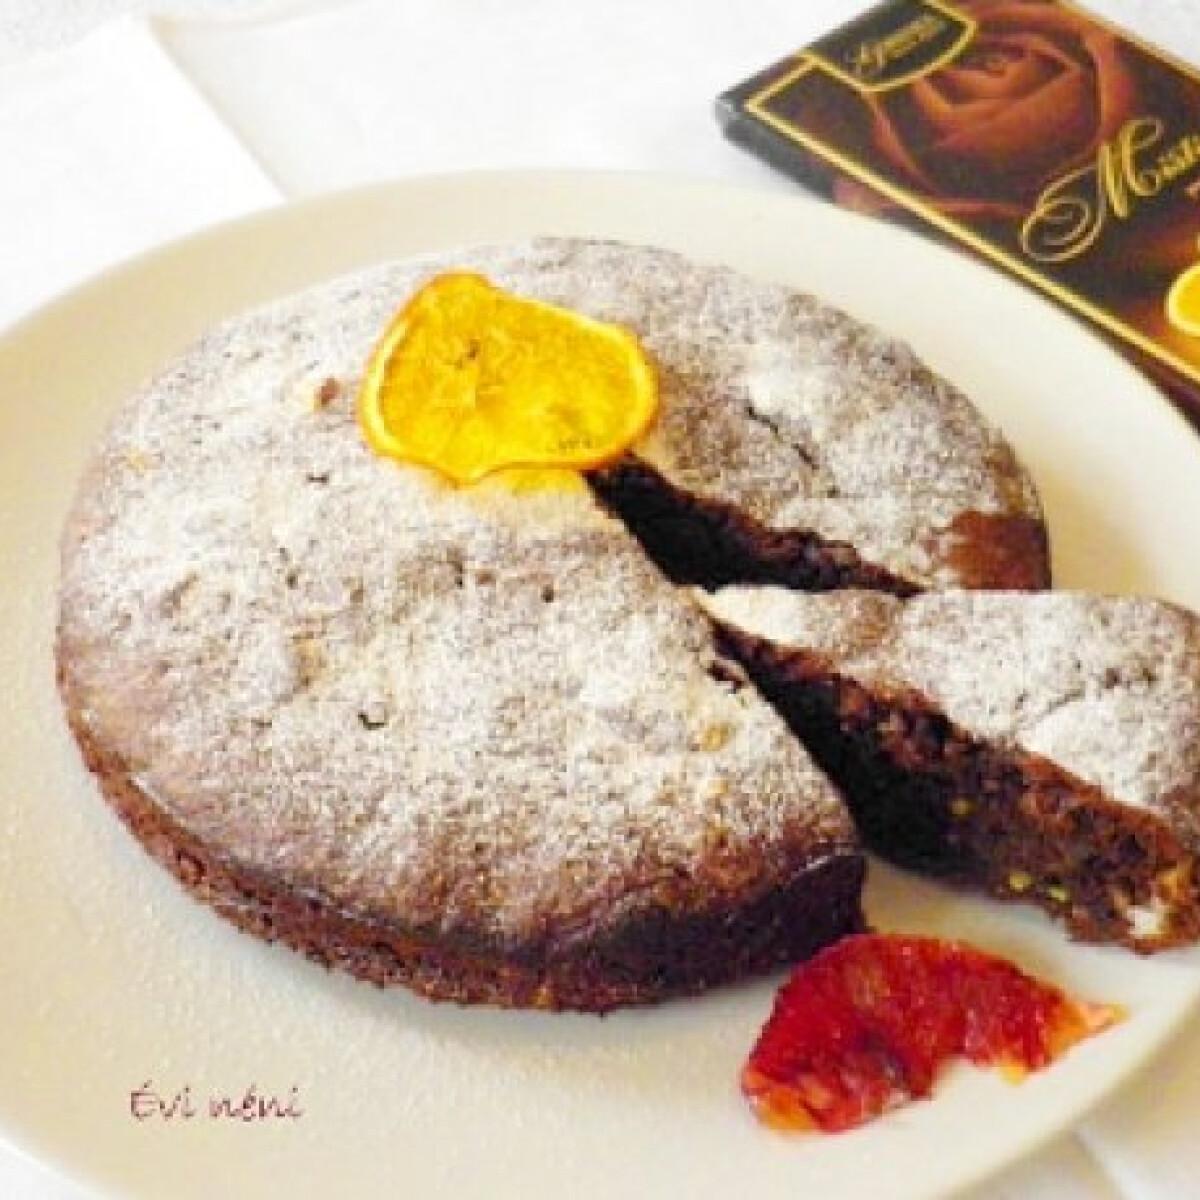 Ezen a képen: Narancsos-csokoládés torta Évi nénitől